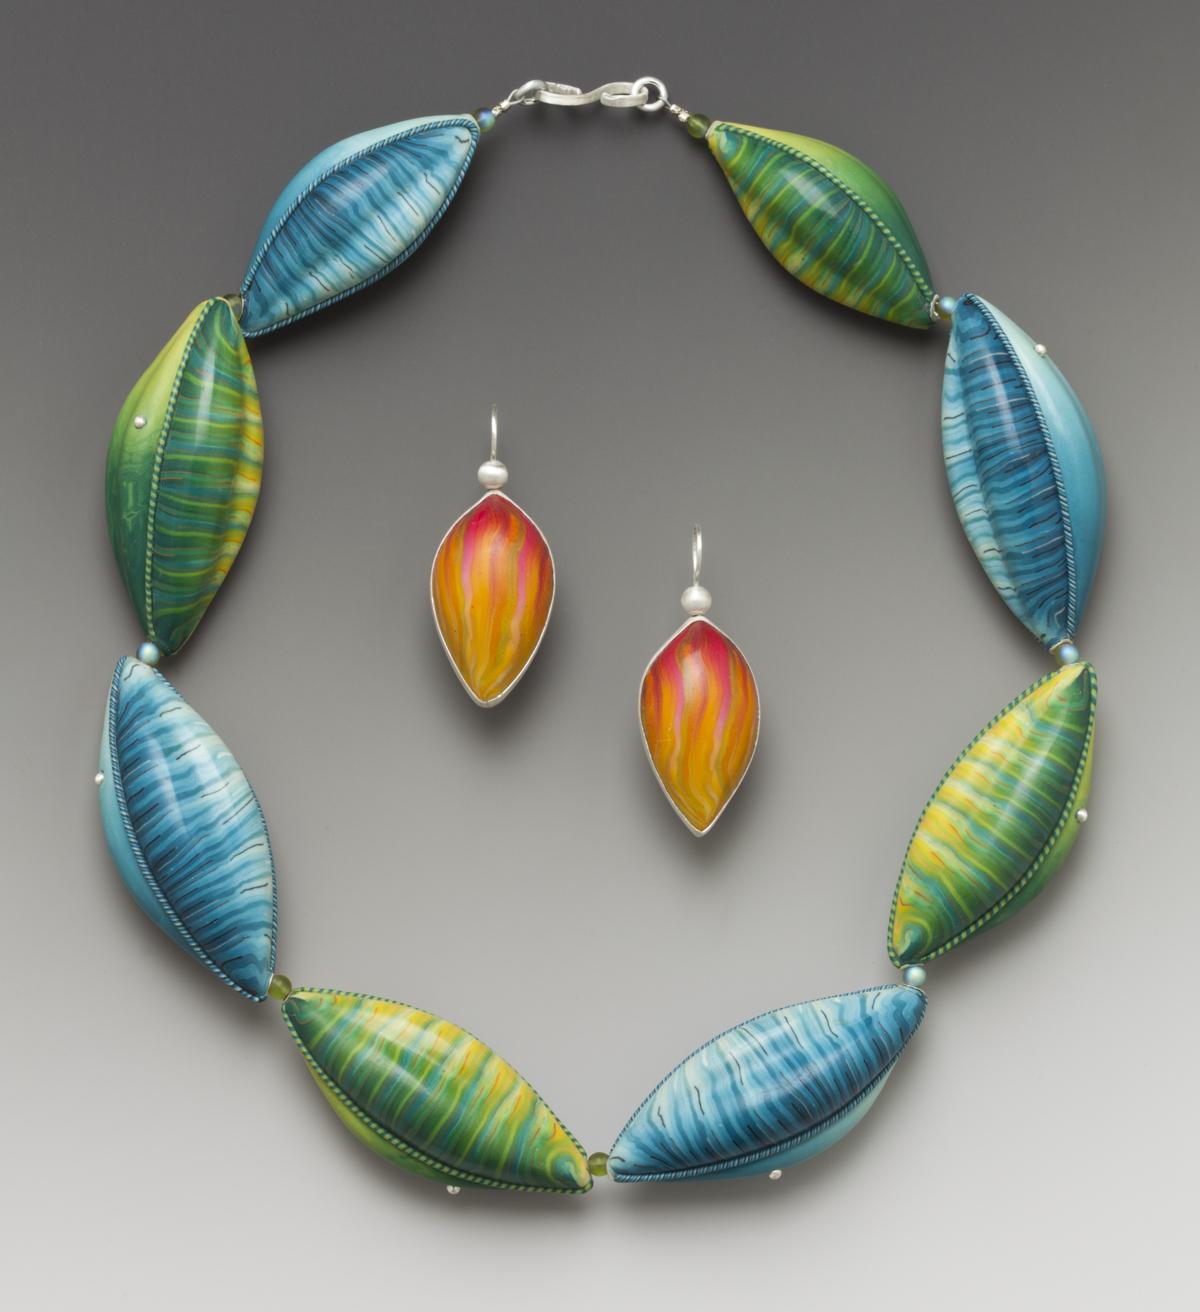 Blue/Green Leaf necklace   2006